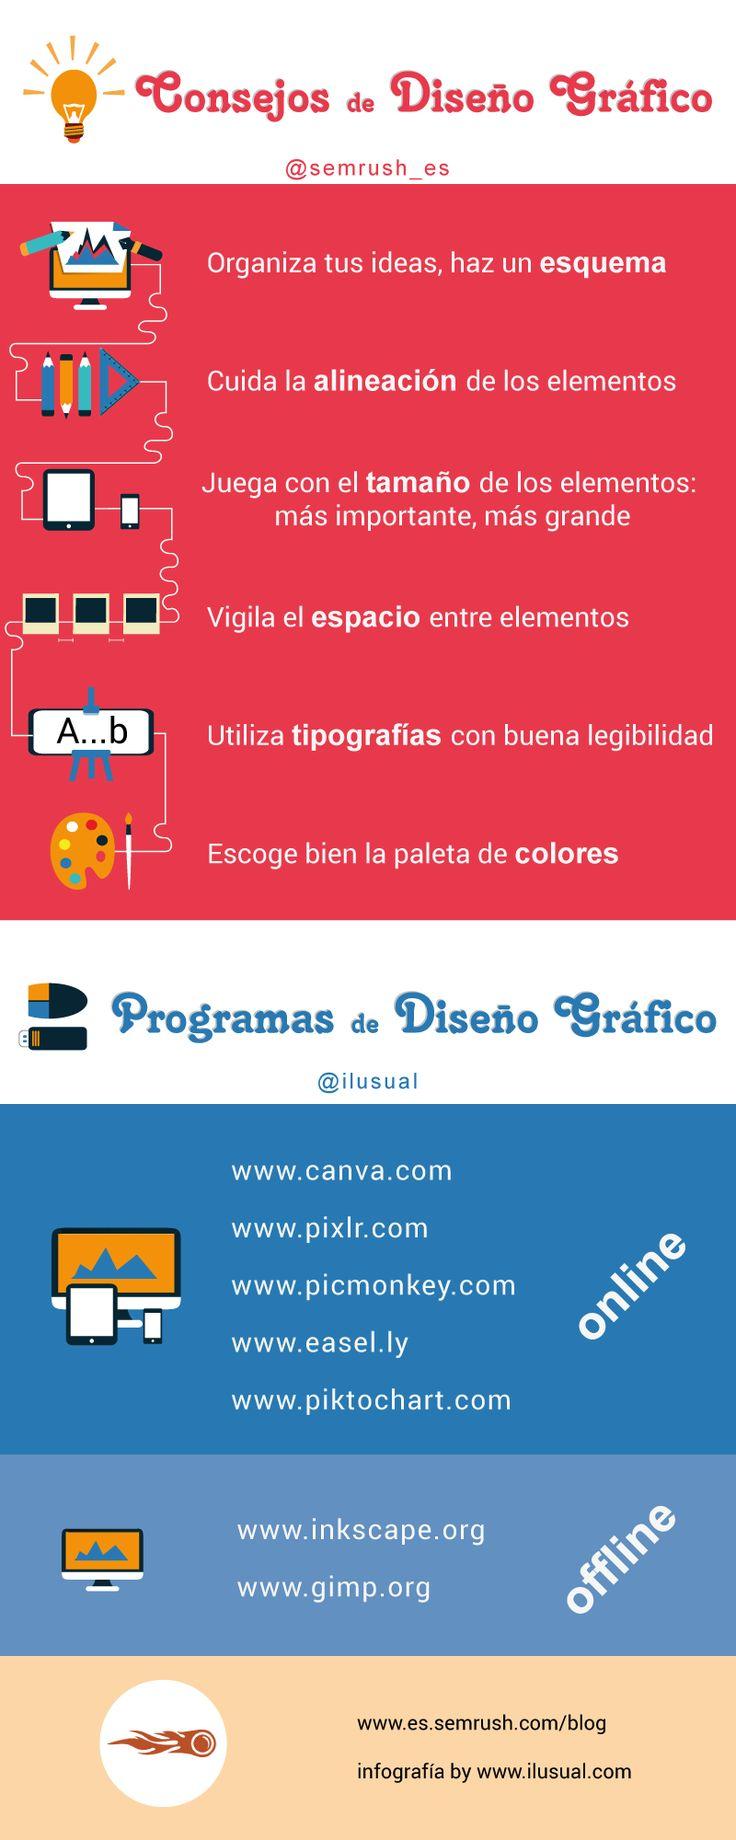 Consejos y programas de diseño gráfico para principiantes